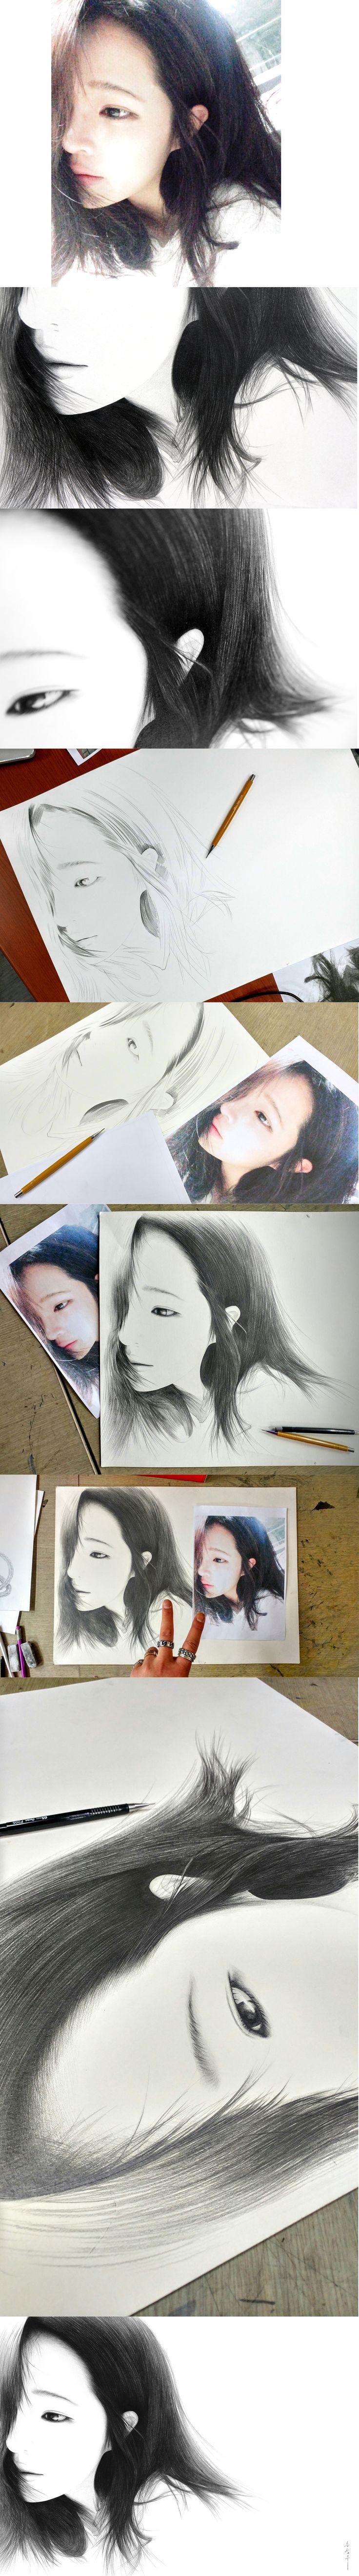 샤프로 그림/ drawing / only sharp artist / sung su - song . korean 인물화, 초상화, 드로잉/송성수